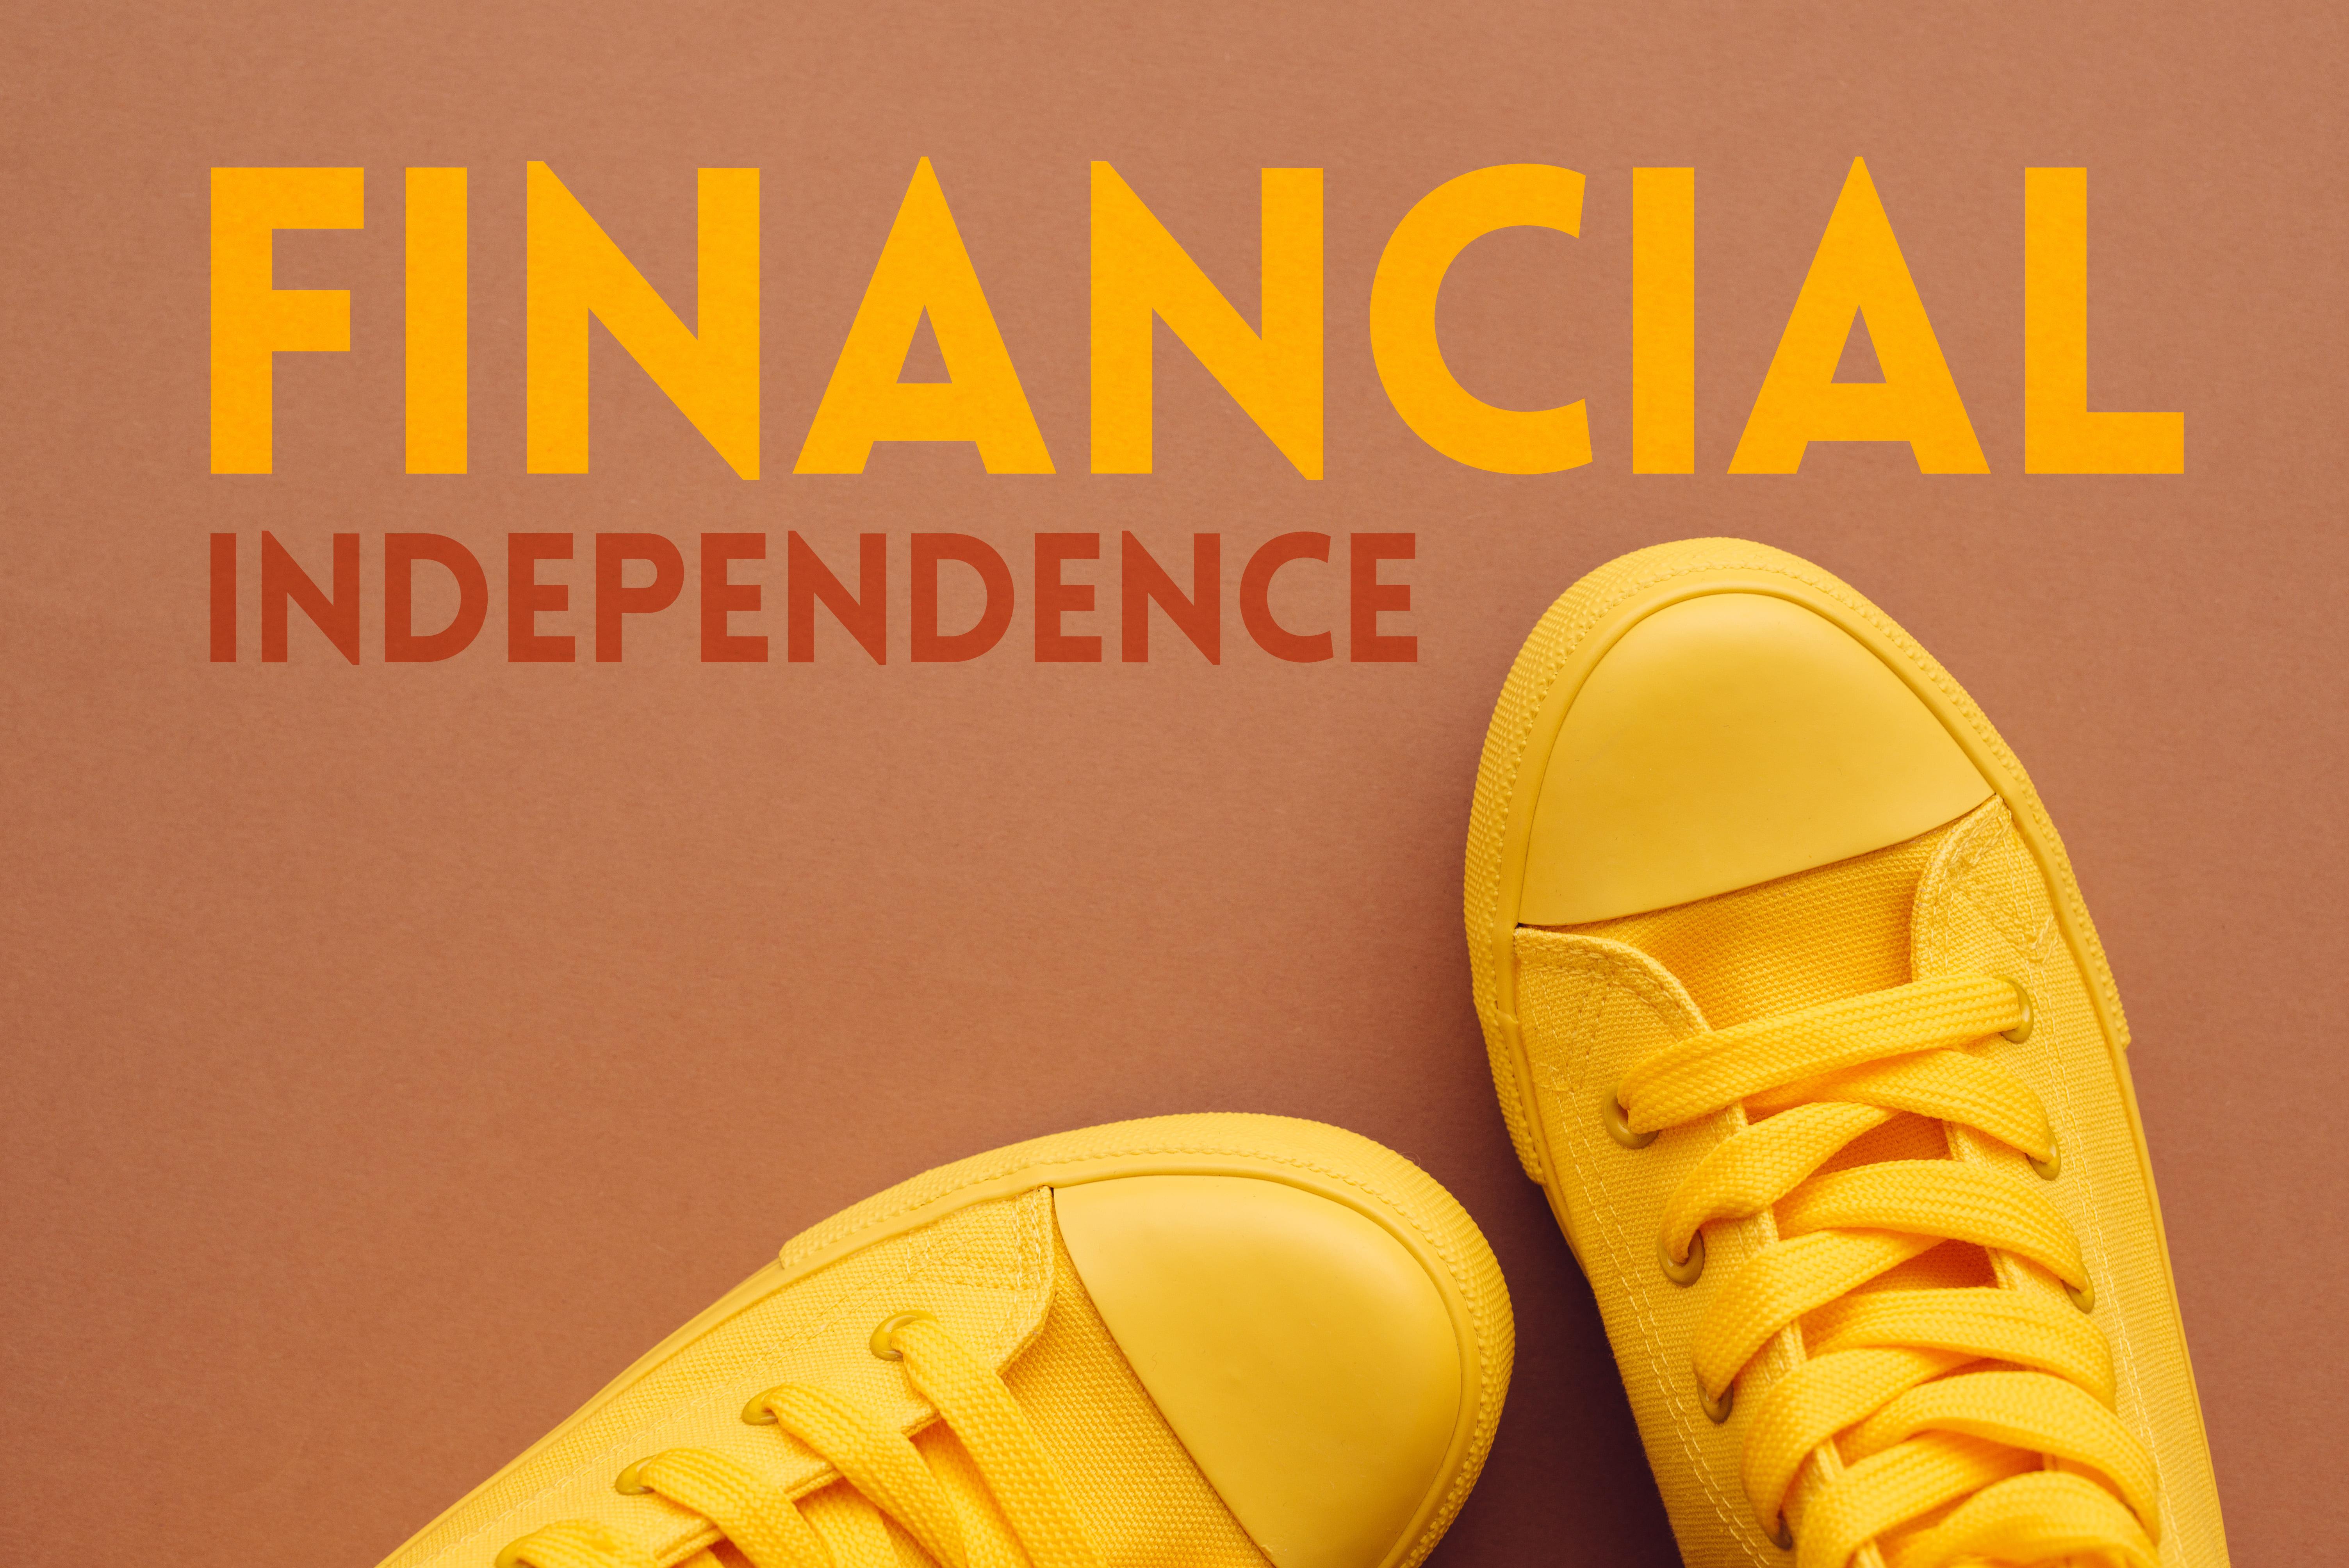 Imagem que contém a palavra independência financeira para remeter ao assunto abordado no texto